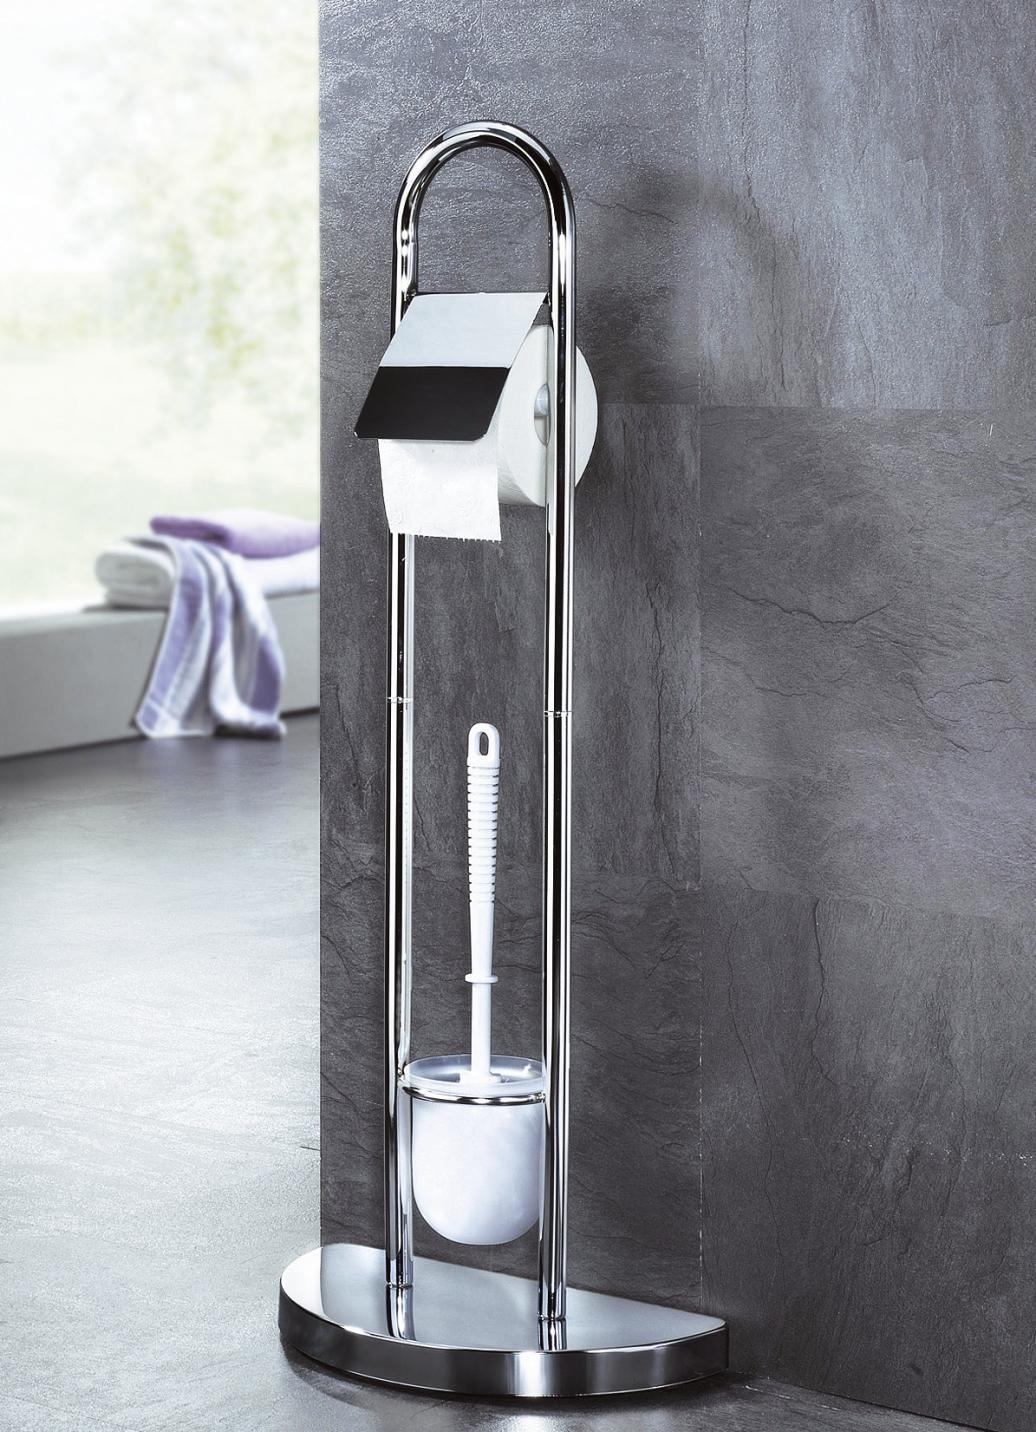 Stand wc garnitur badezimmer accessoires bader for Badezimmer garnitur